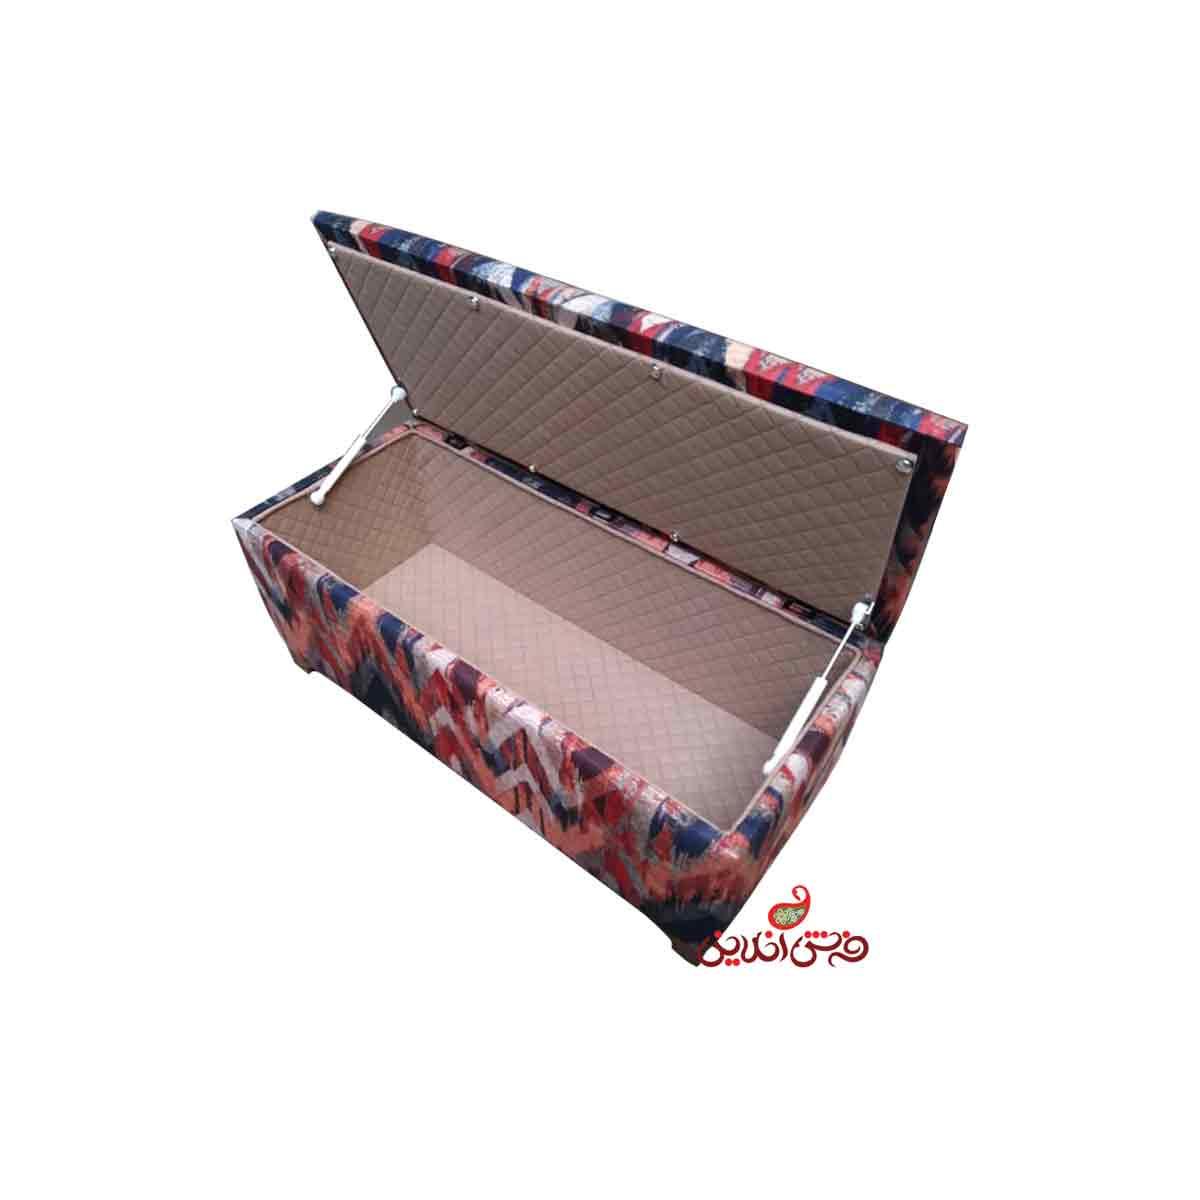 مبل باکس نست طرح باستین2